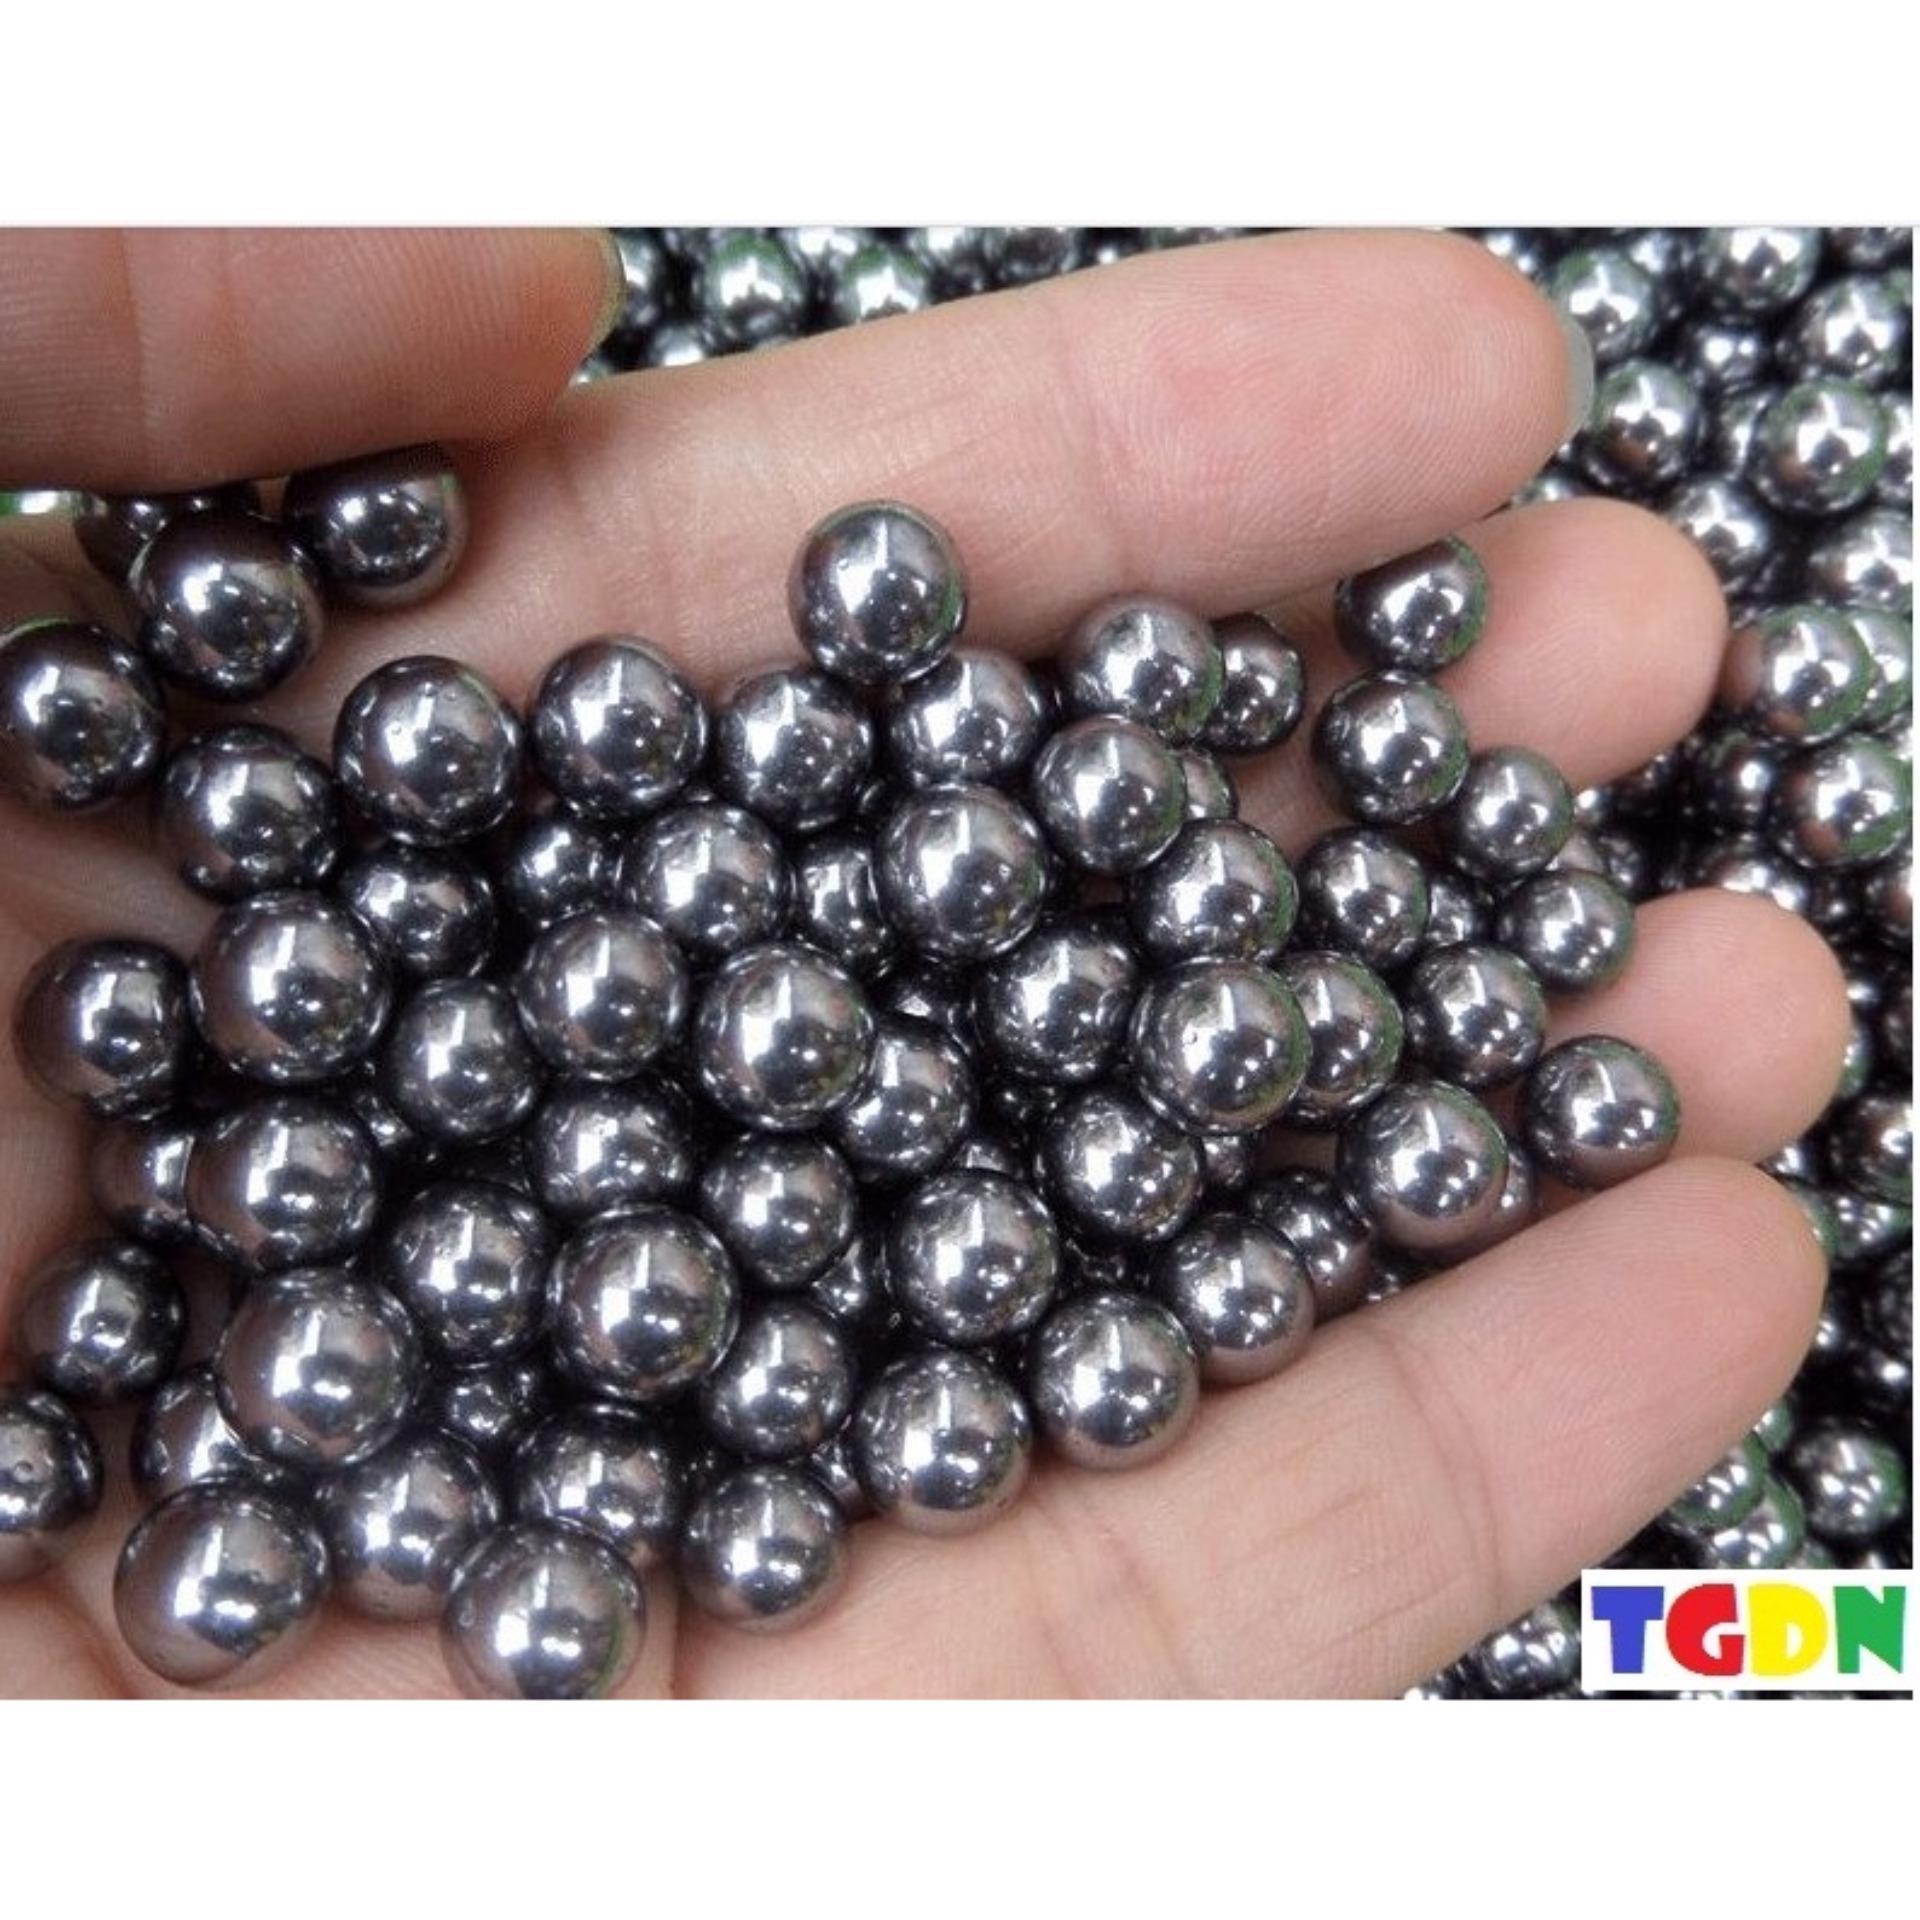 Gói 100 viên hạt đạn đồ chơi tiêu chuẩn cho các loại ná và Pocket Shot (Bạc)